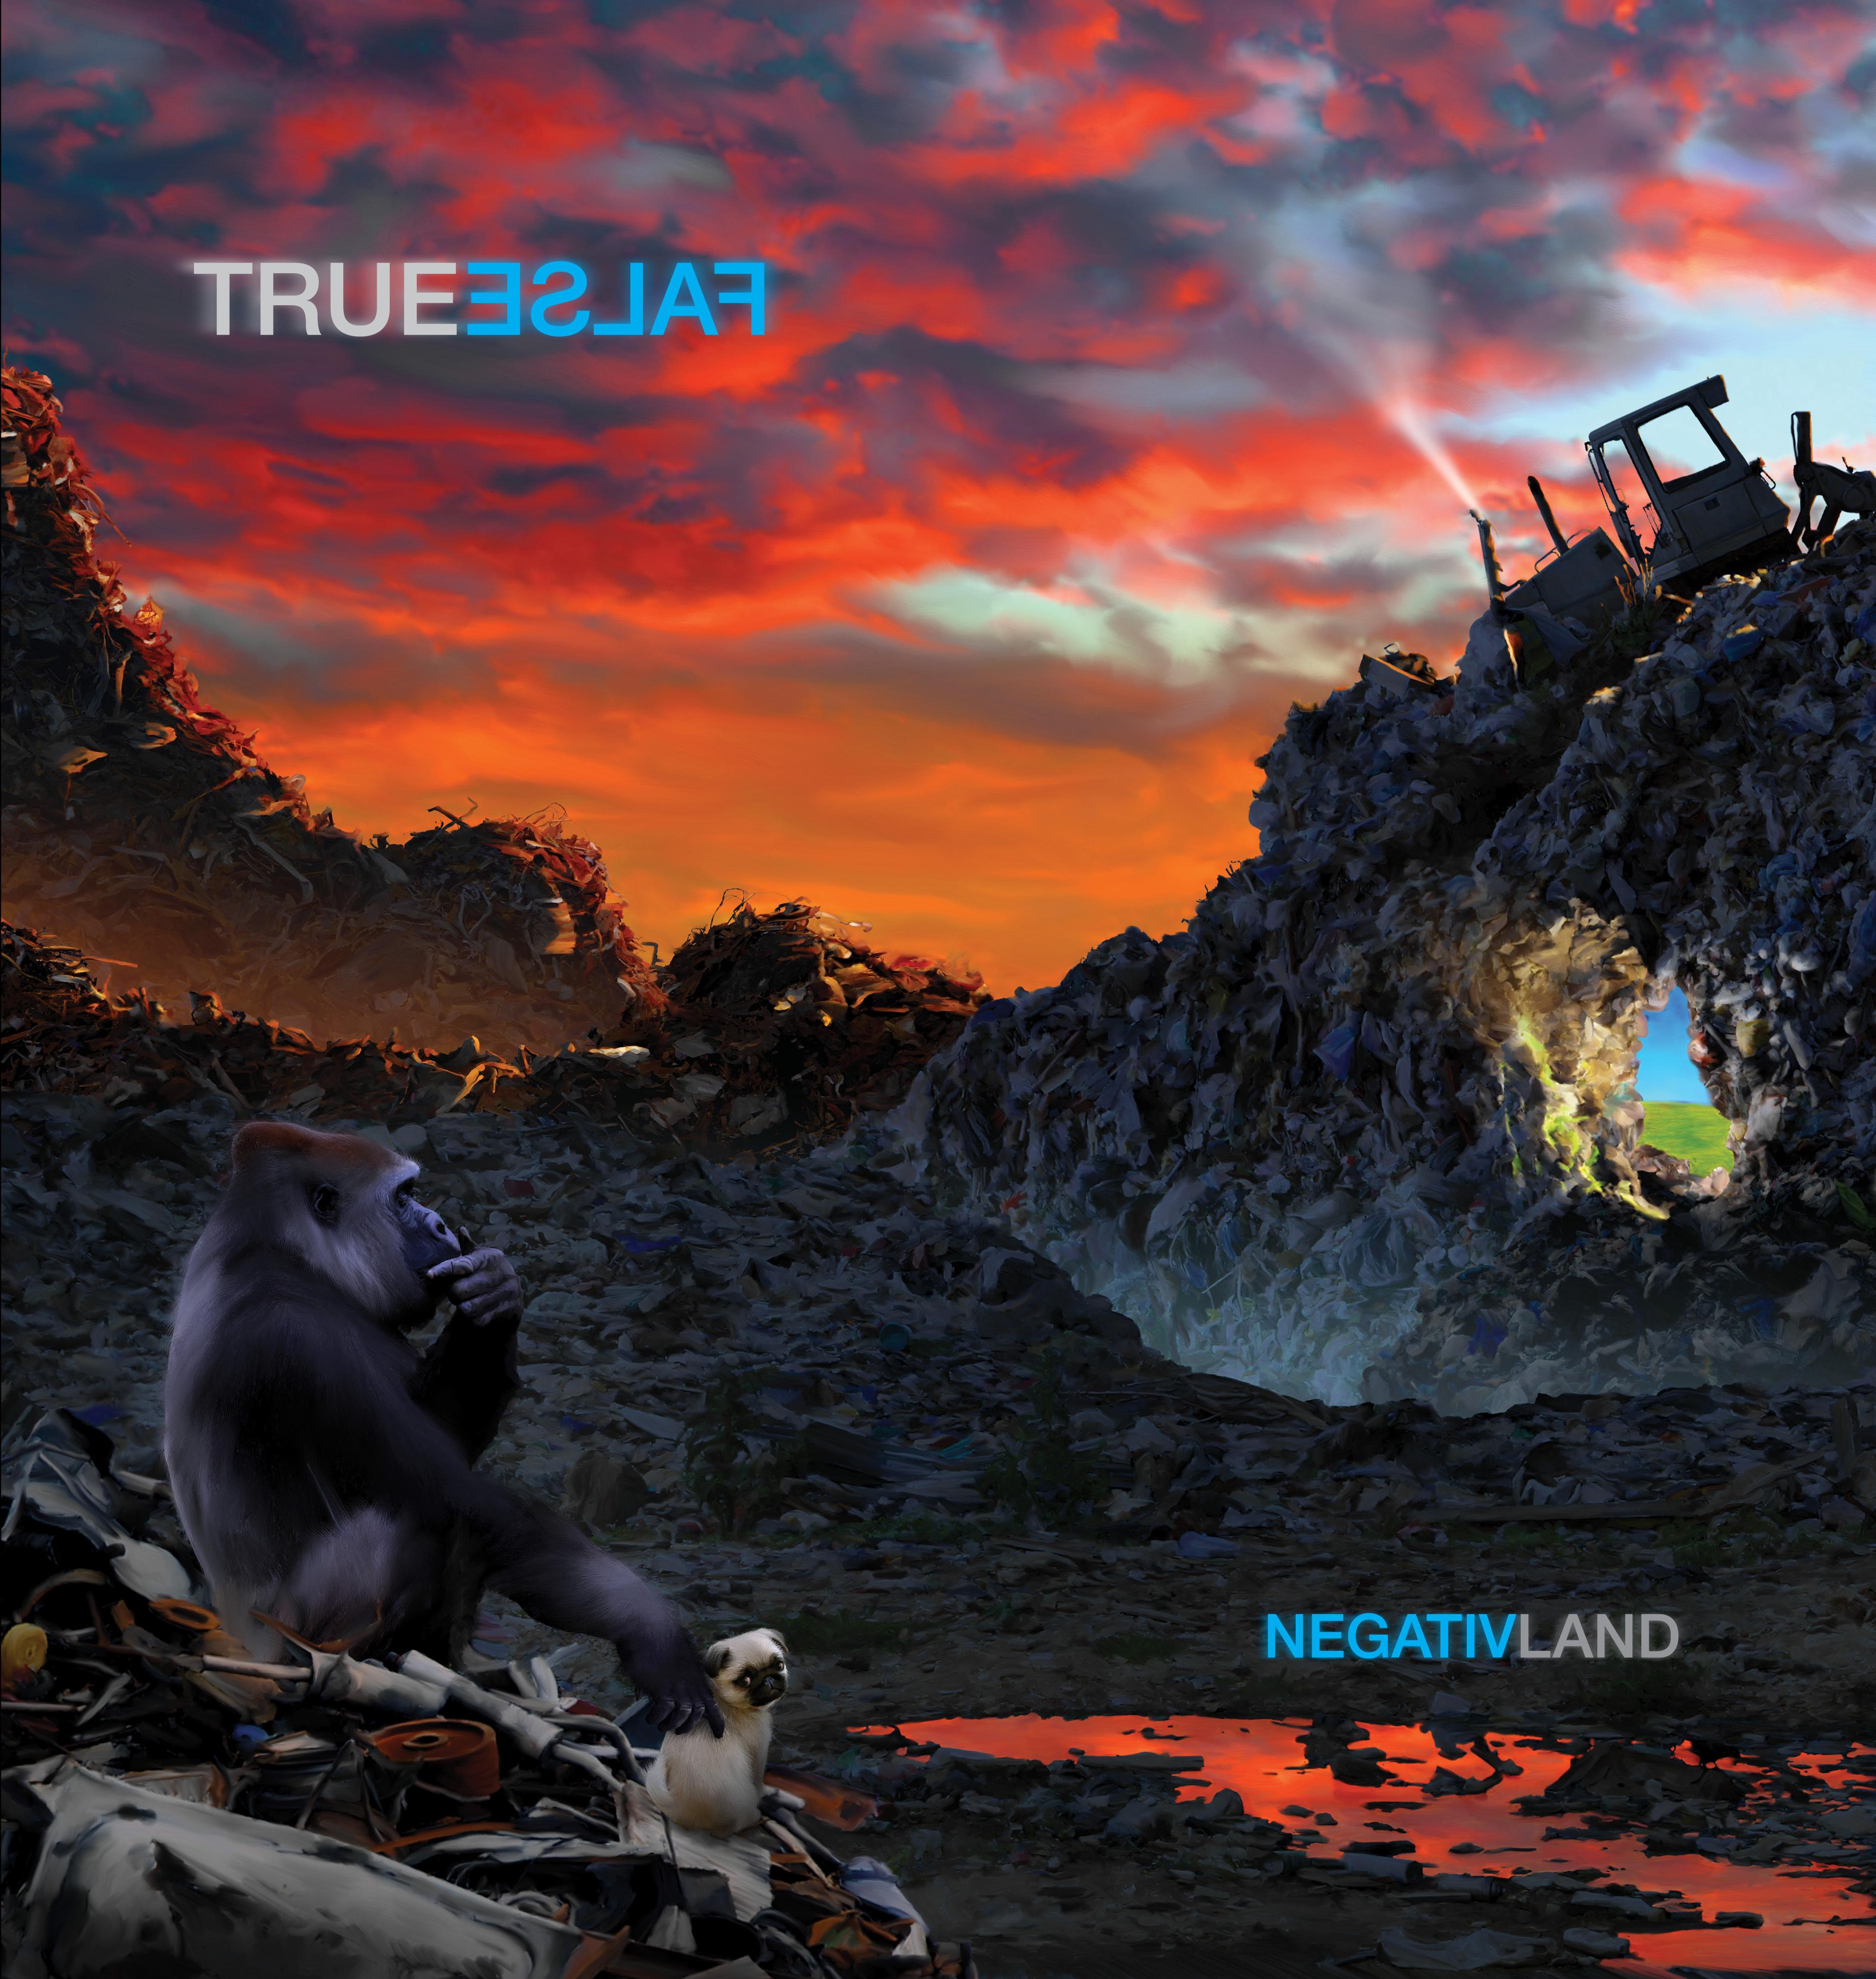 negativland-true-false-album-cover